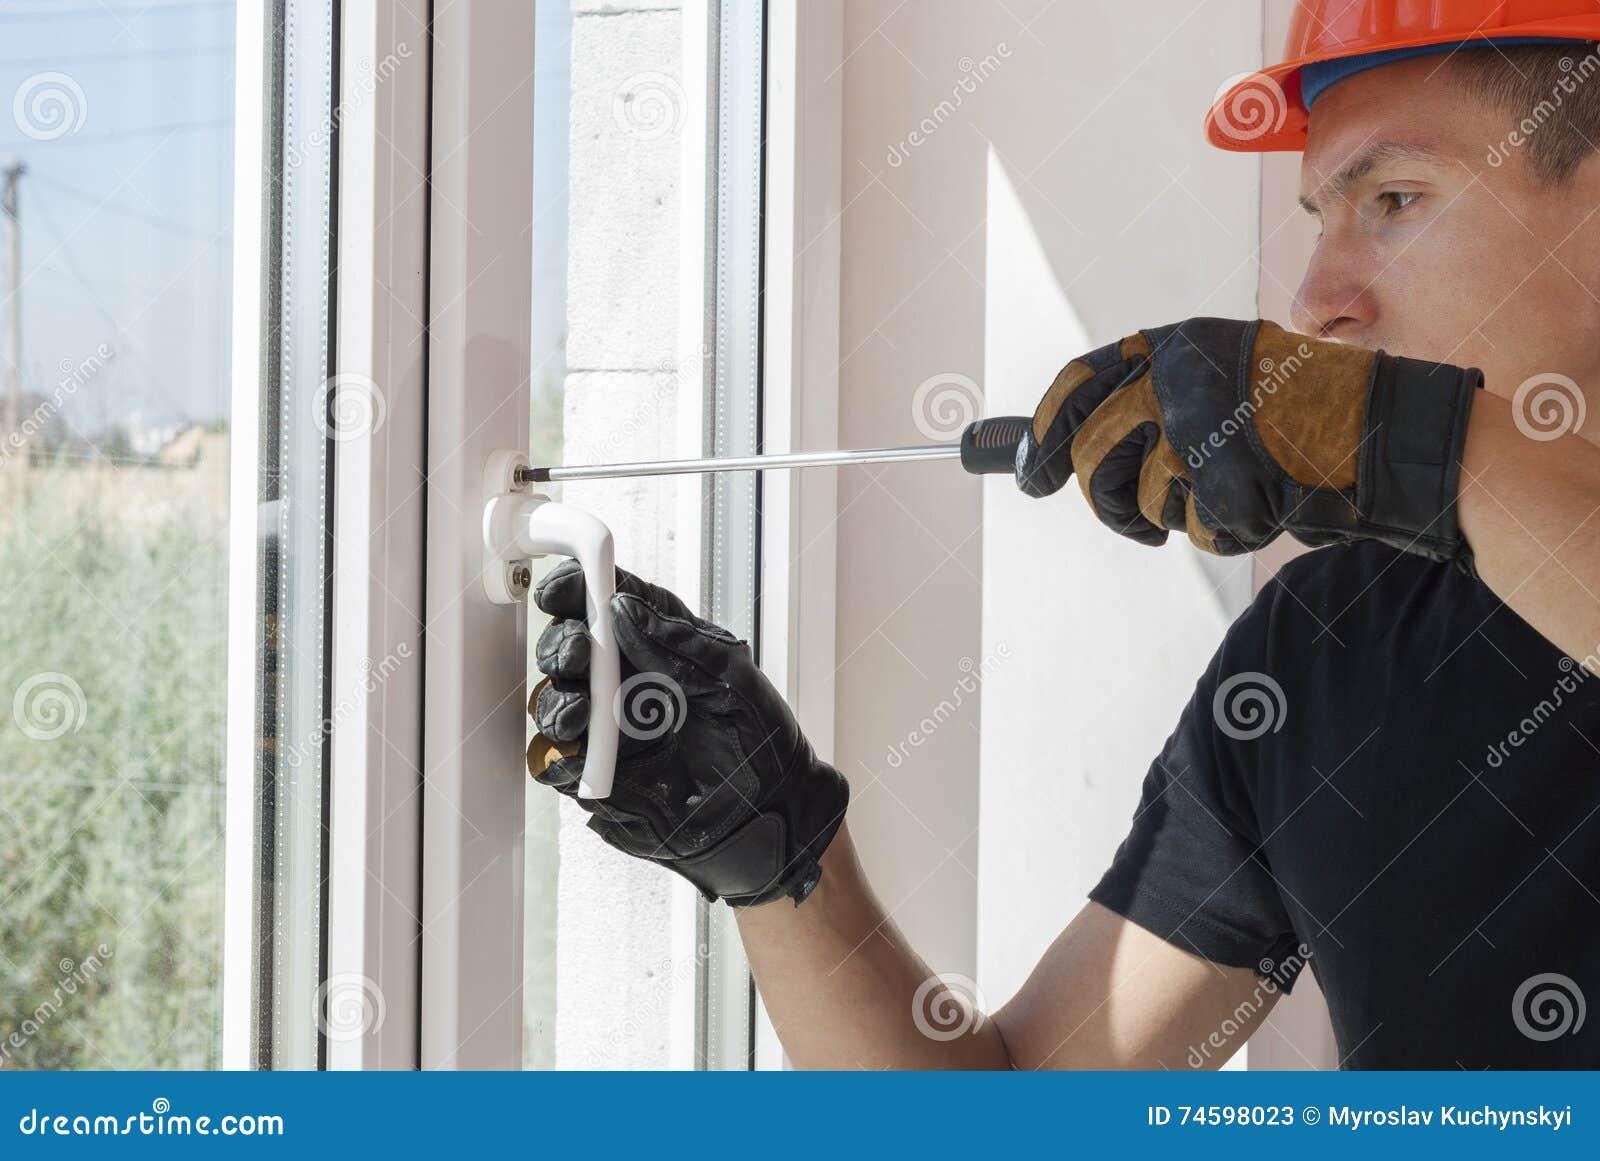 Installatie en reparatie van plastic vensters